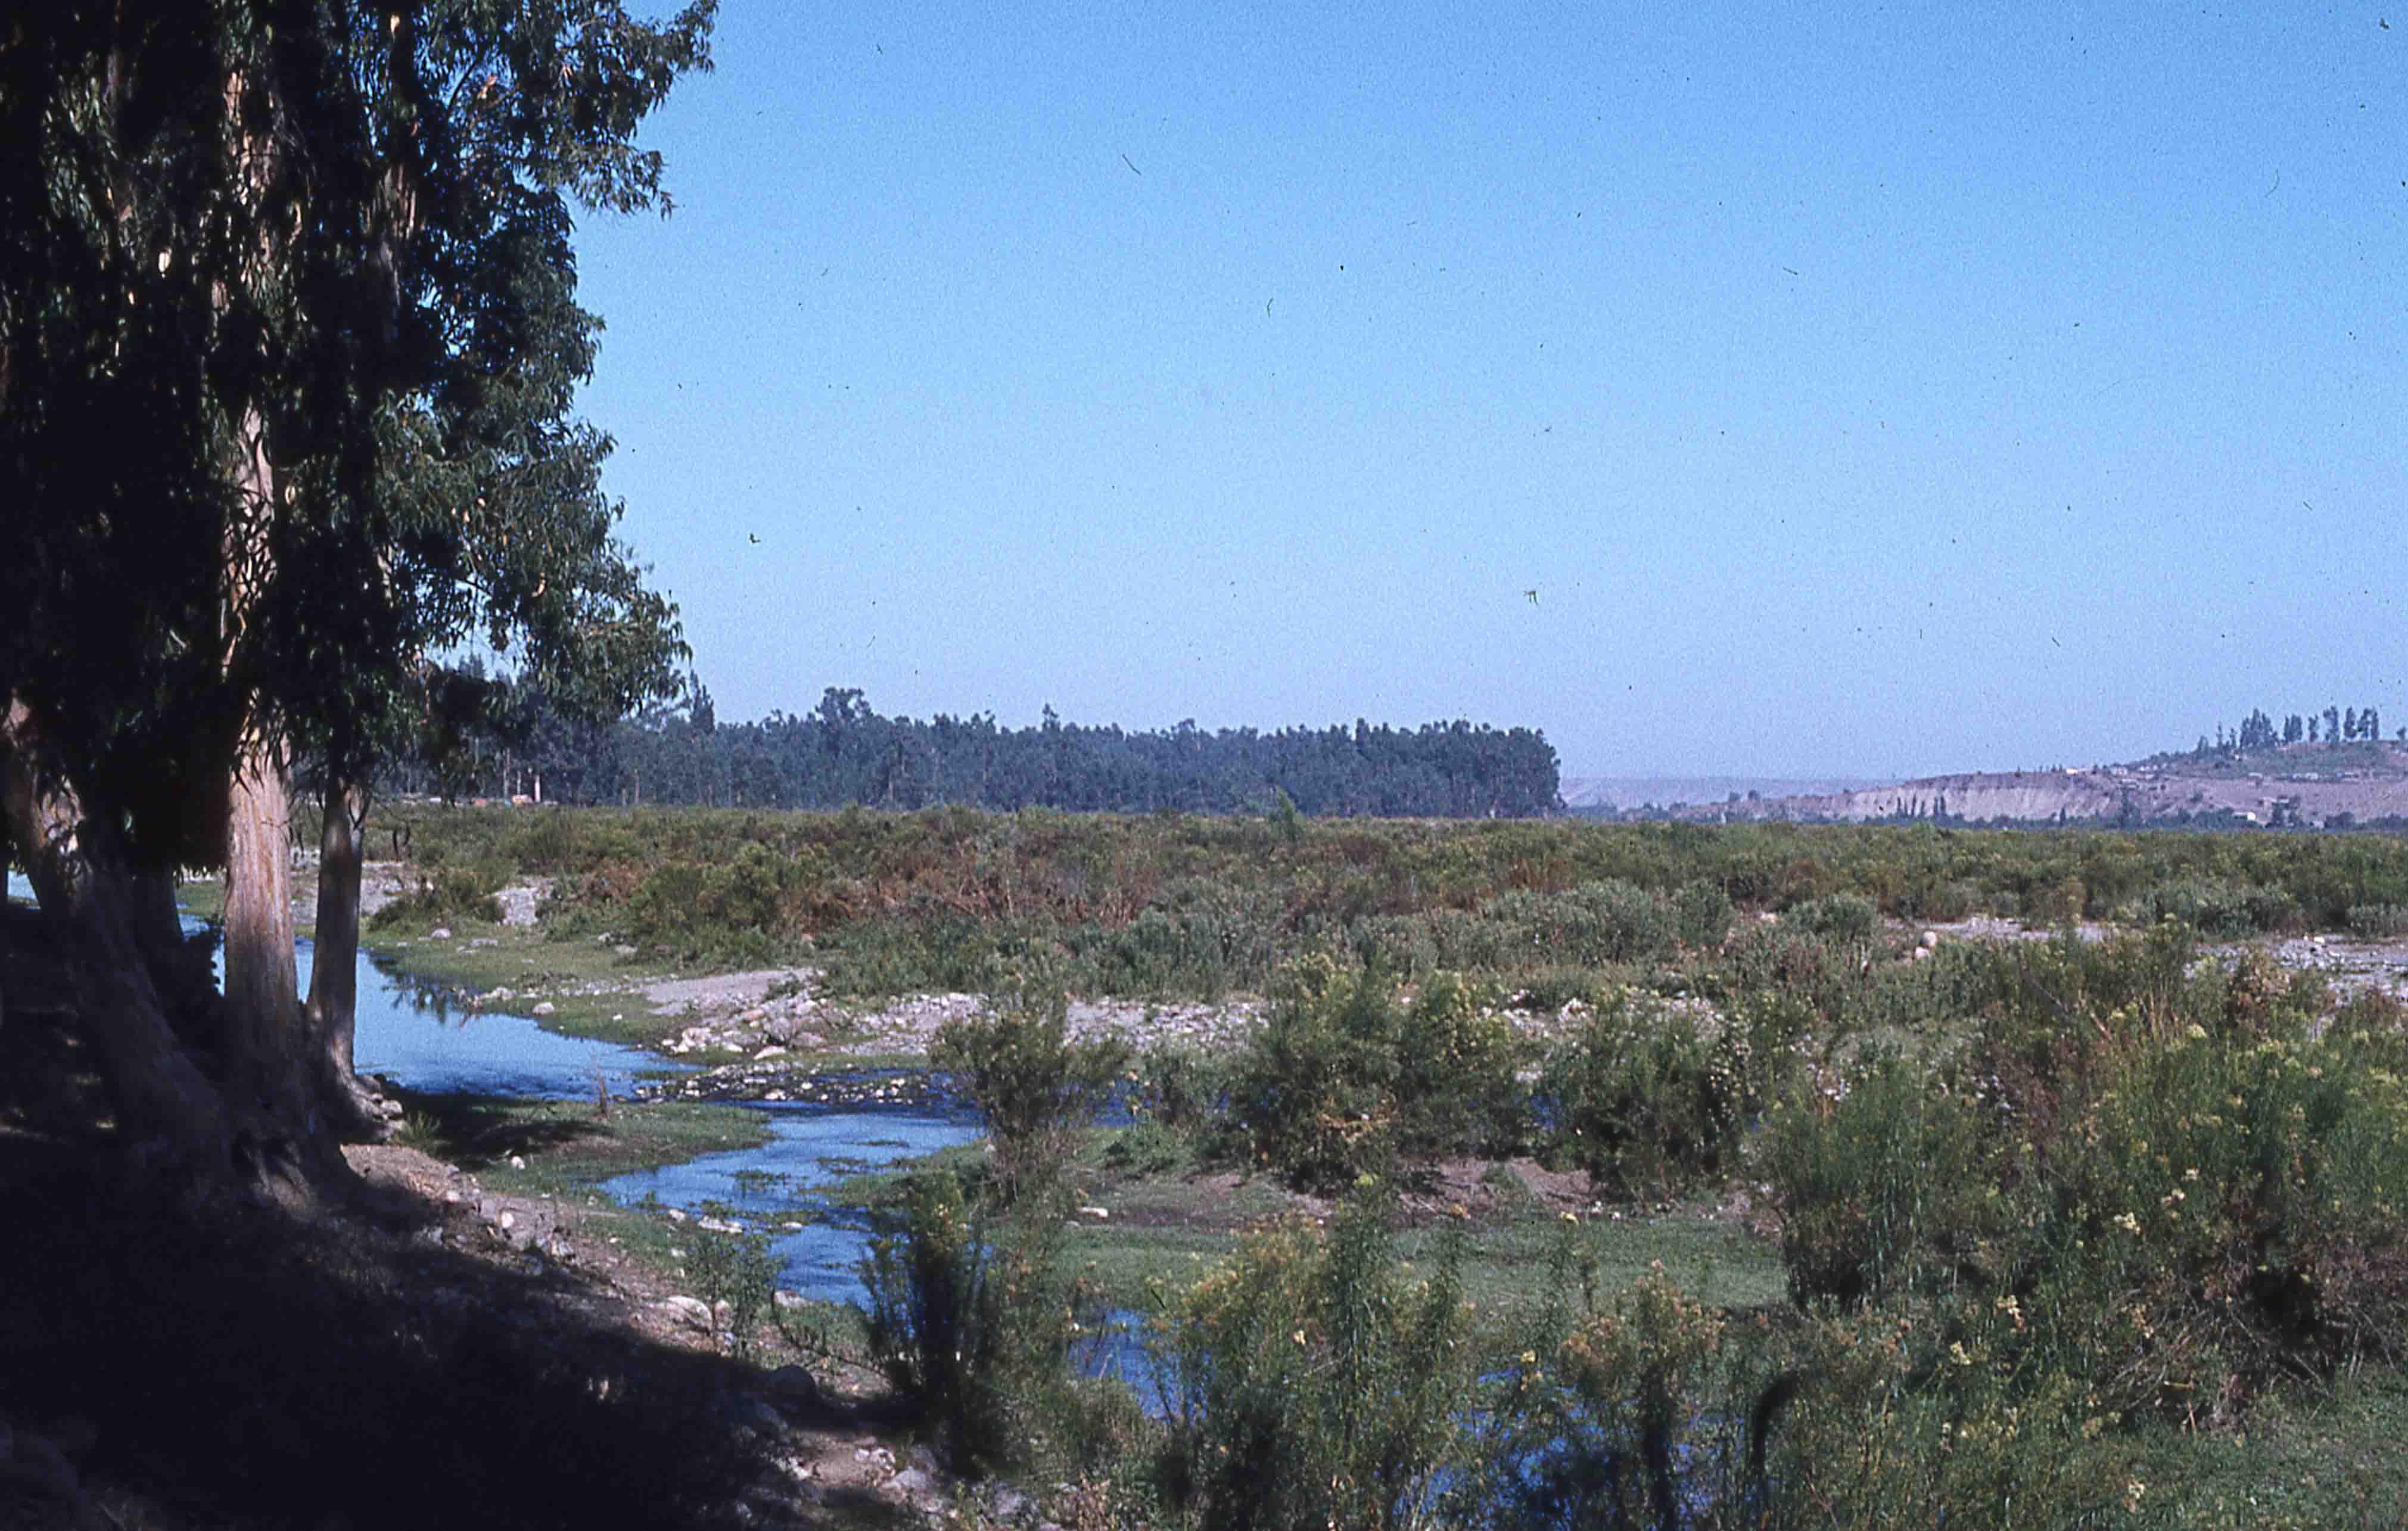 Enterreno - Fotos históricas de chile - fotos antiguas de Chile - Río Hurtado en los años 70s